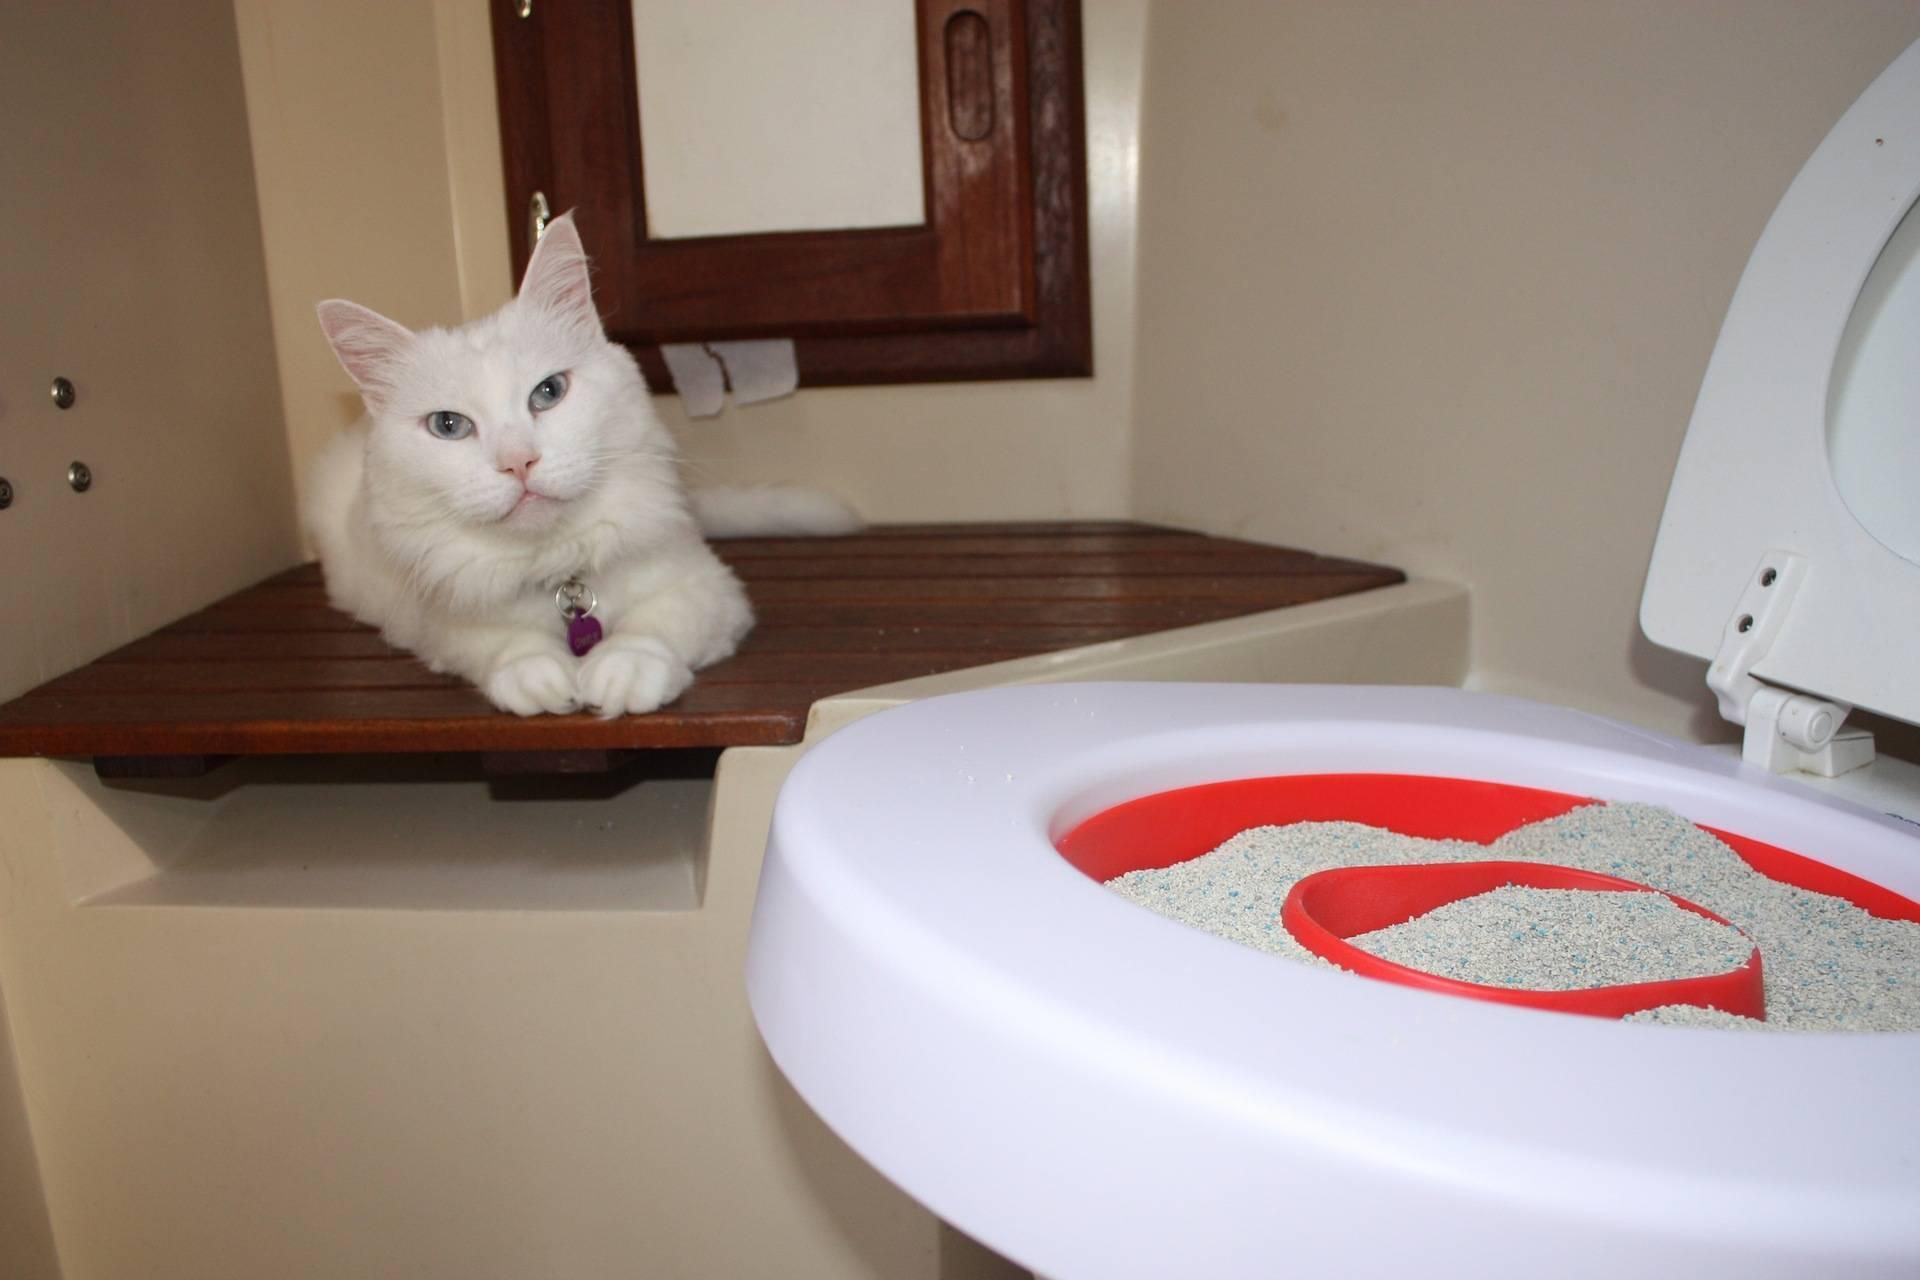 Как кошку приучить к унитазу: видео-инструкция по монтажу своими руками, особенности приучения, приспособлений, систем, лотков, приучателей, цена, фото